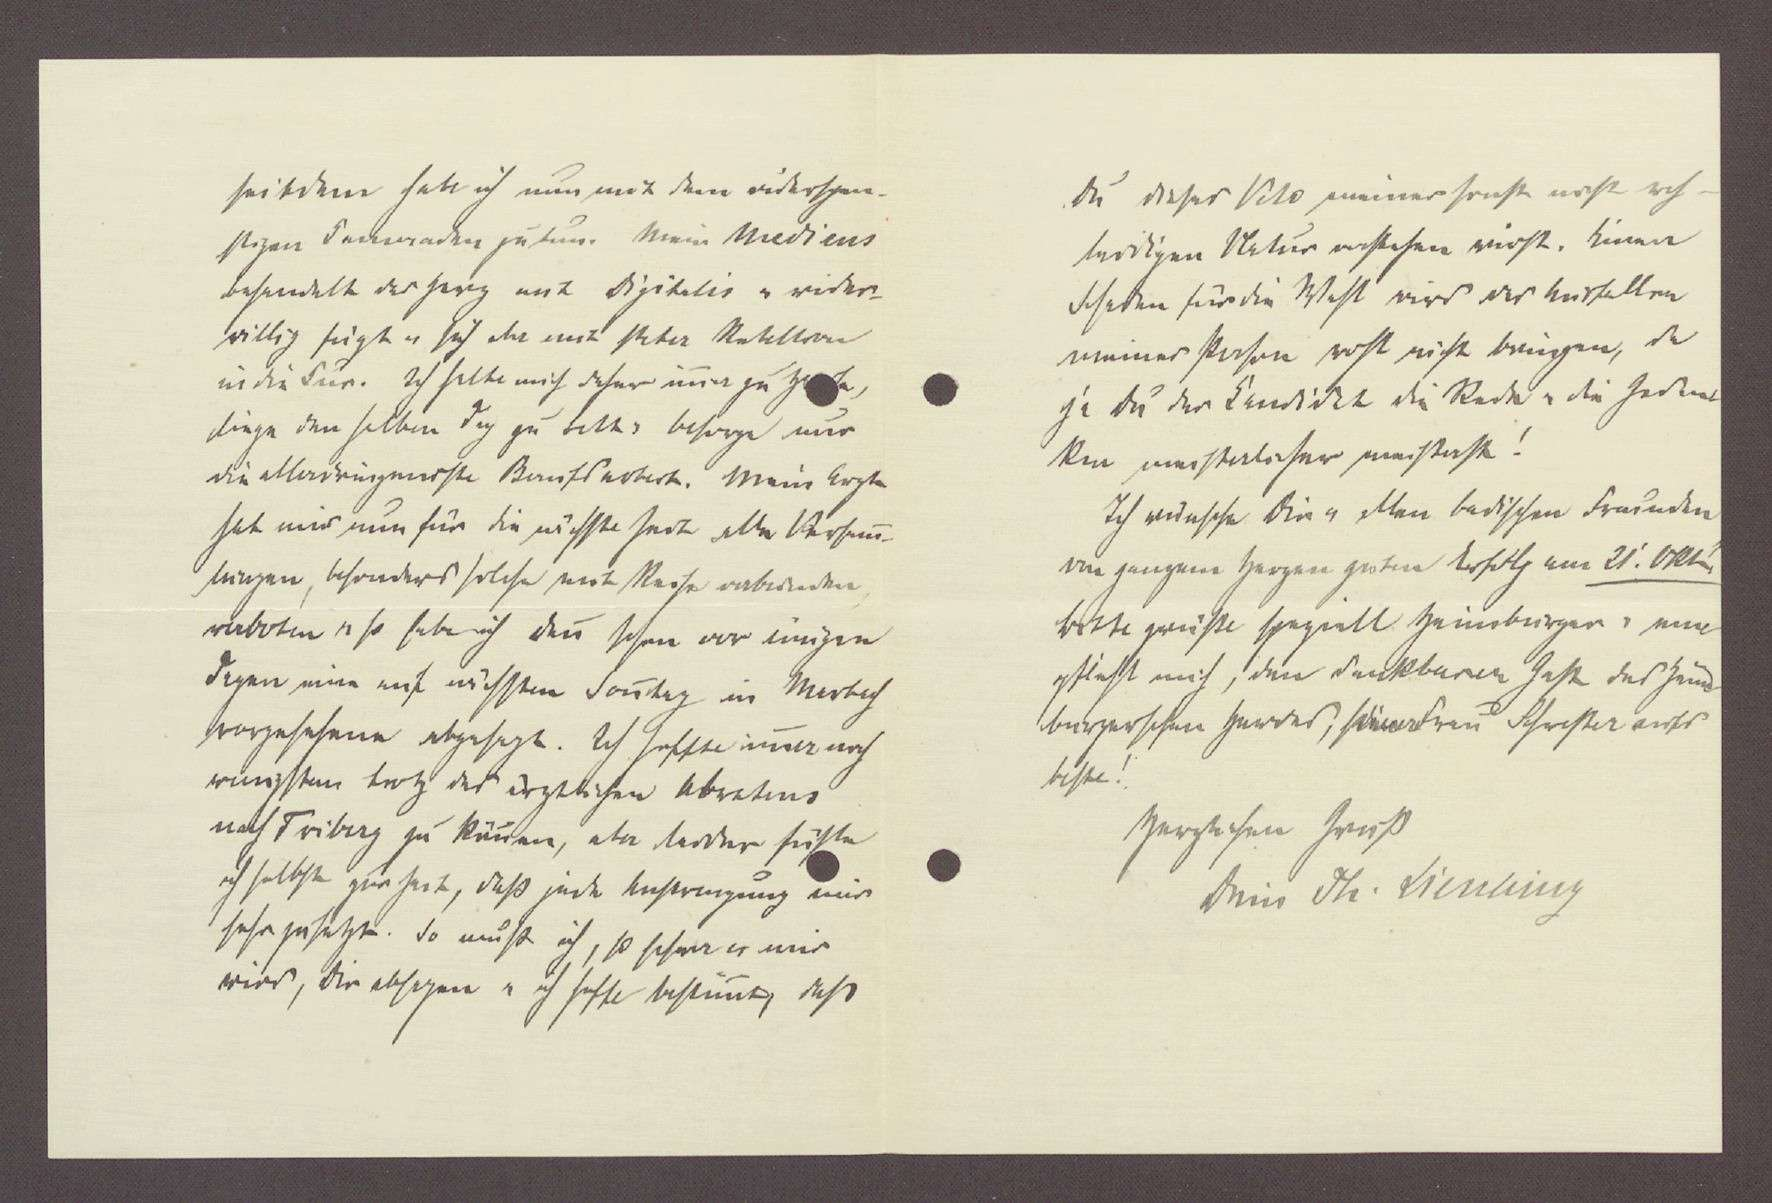 Schreiben von Theodor Liesching, Tübingen, an Hermann Hummel, Karlsruhe: Rückkehr von einer Ferienreise und Auftritt im 26. Wahlkreis, 2 Schreiben, Bild 2